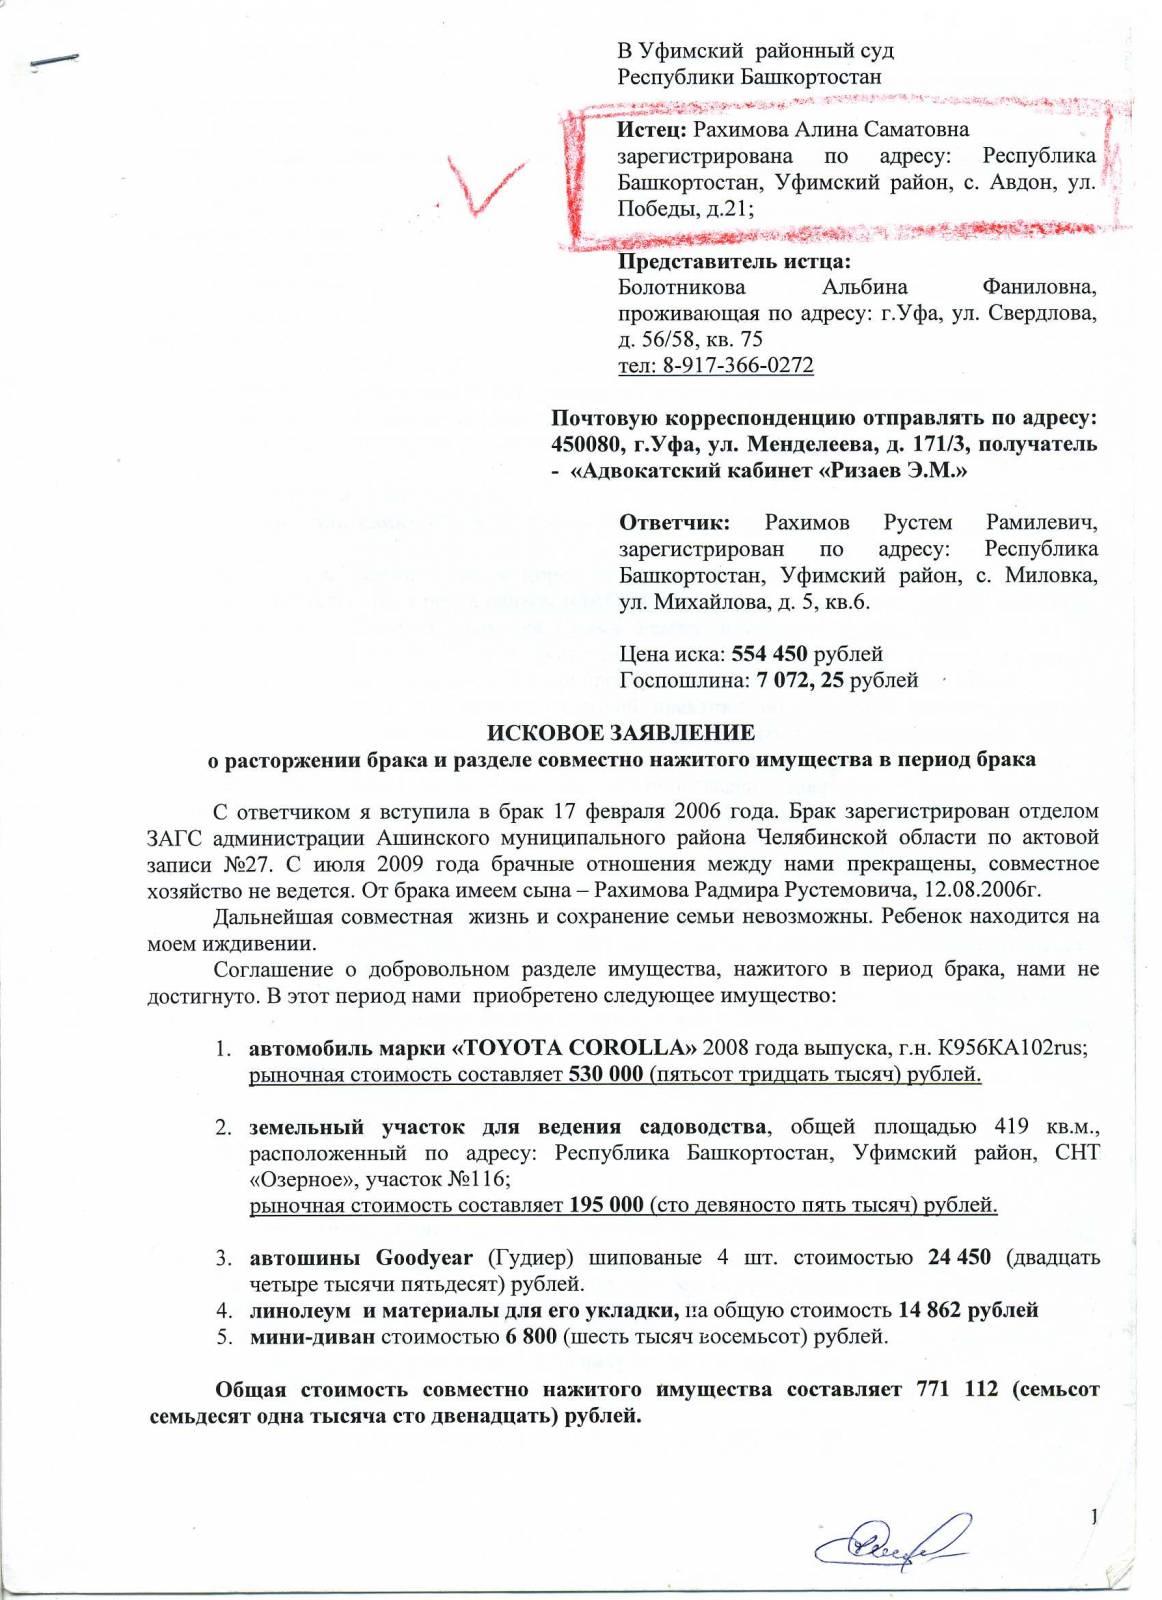 Сайт судебных приставов арестованное имущество на реализацию квартиры астрахань